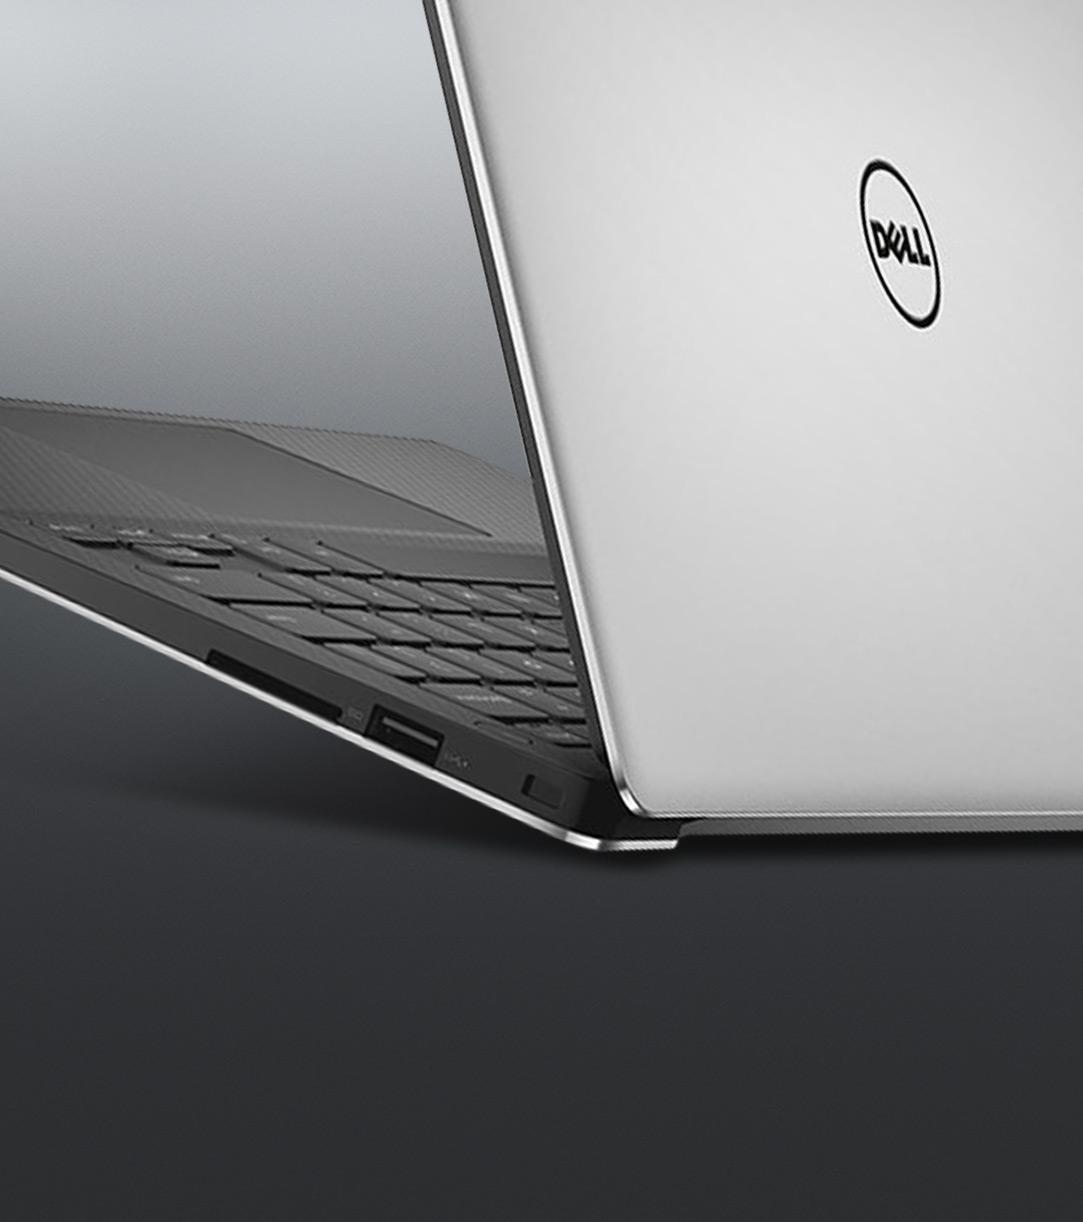 Image partielle d'un ordinateur Dell XPS 15